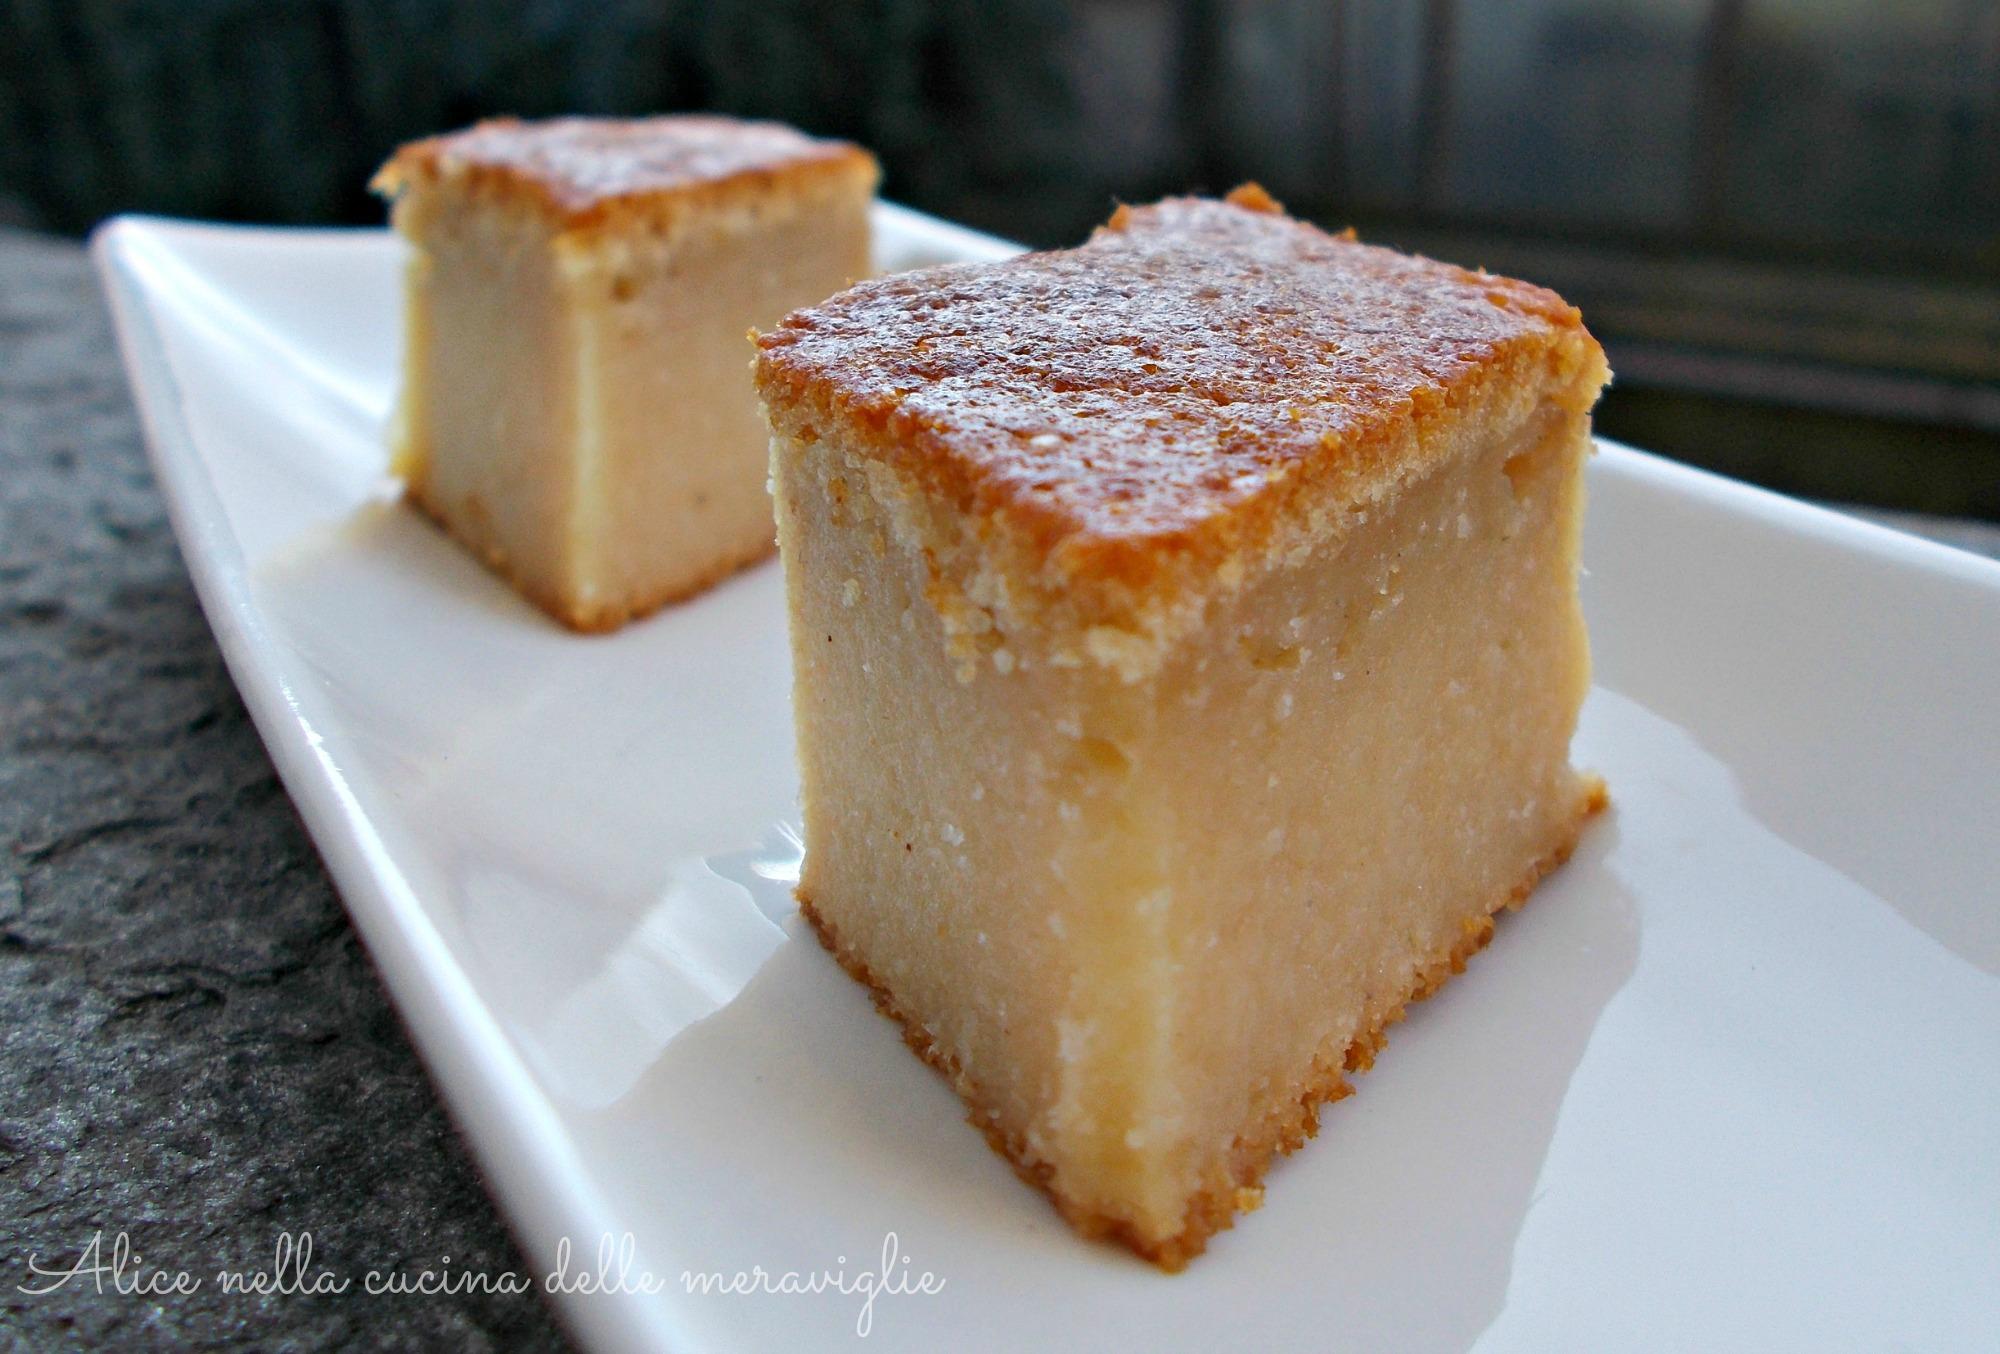 Torta di mele invisibili Ricetta dolce Alice nella cucina delle meraviglie